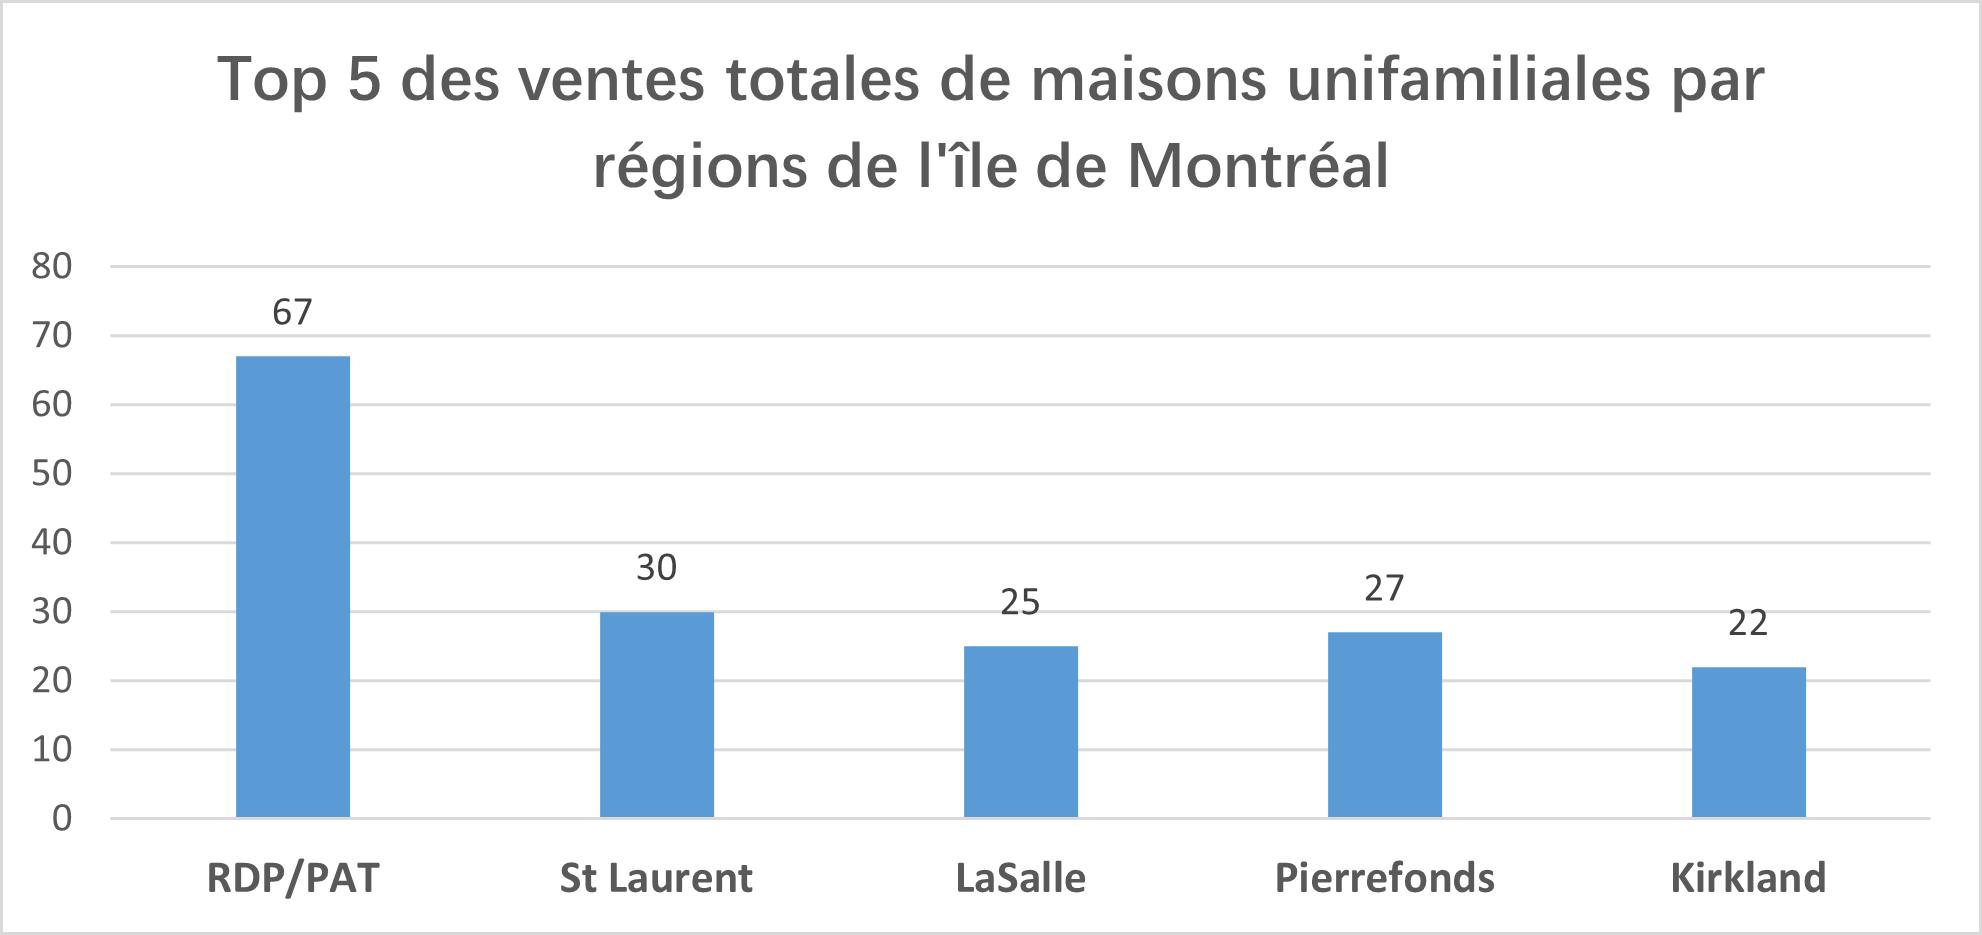 Le rapport du Marché immobilier résidentiel - Février 2021